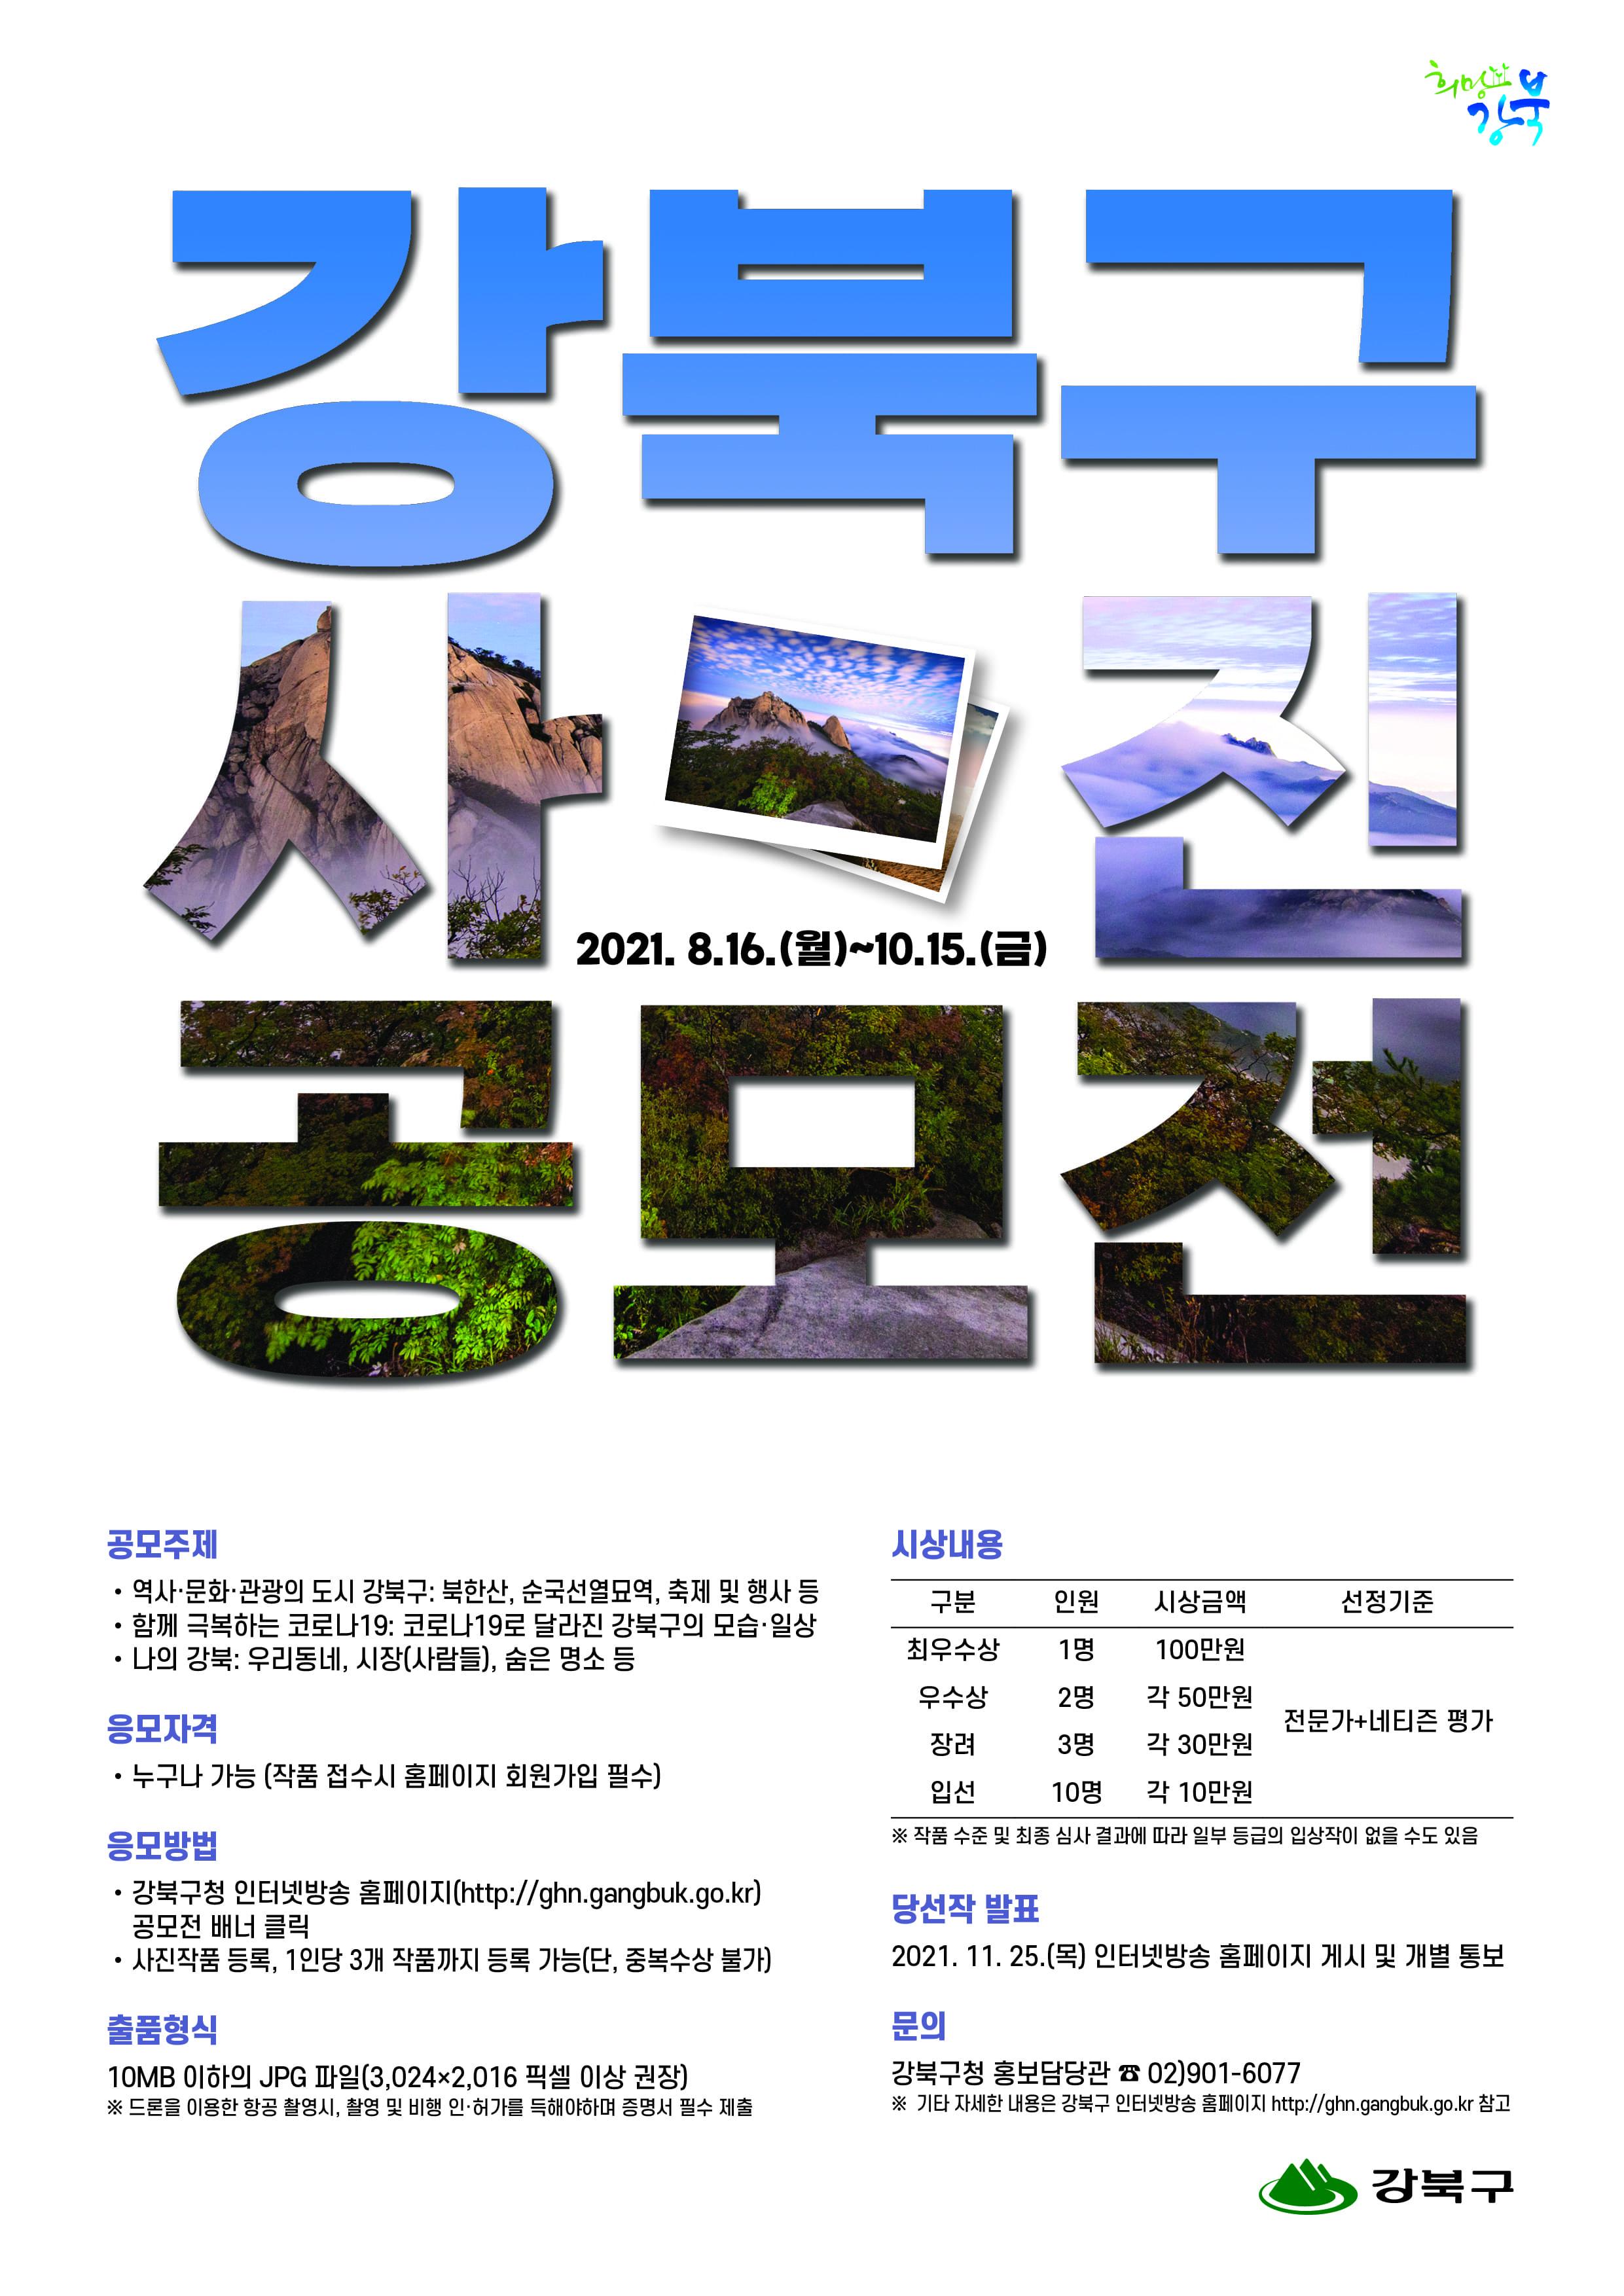 제10회 강북구 사진공모전 포스터(공문용)